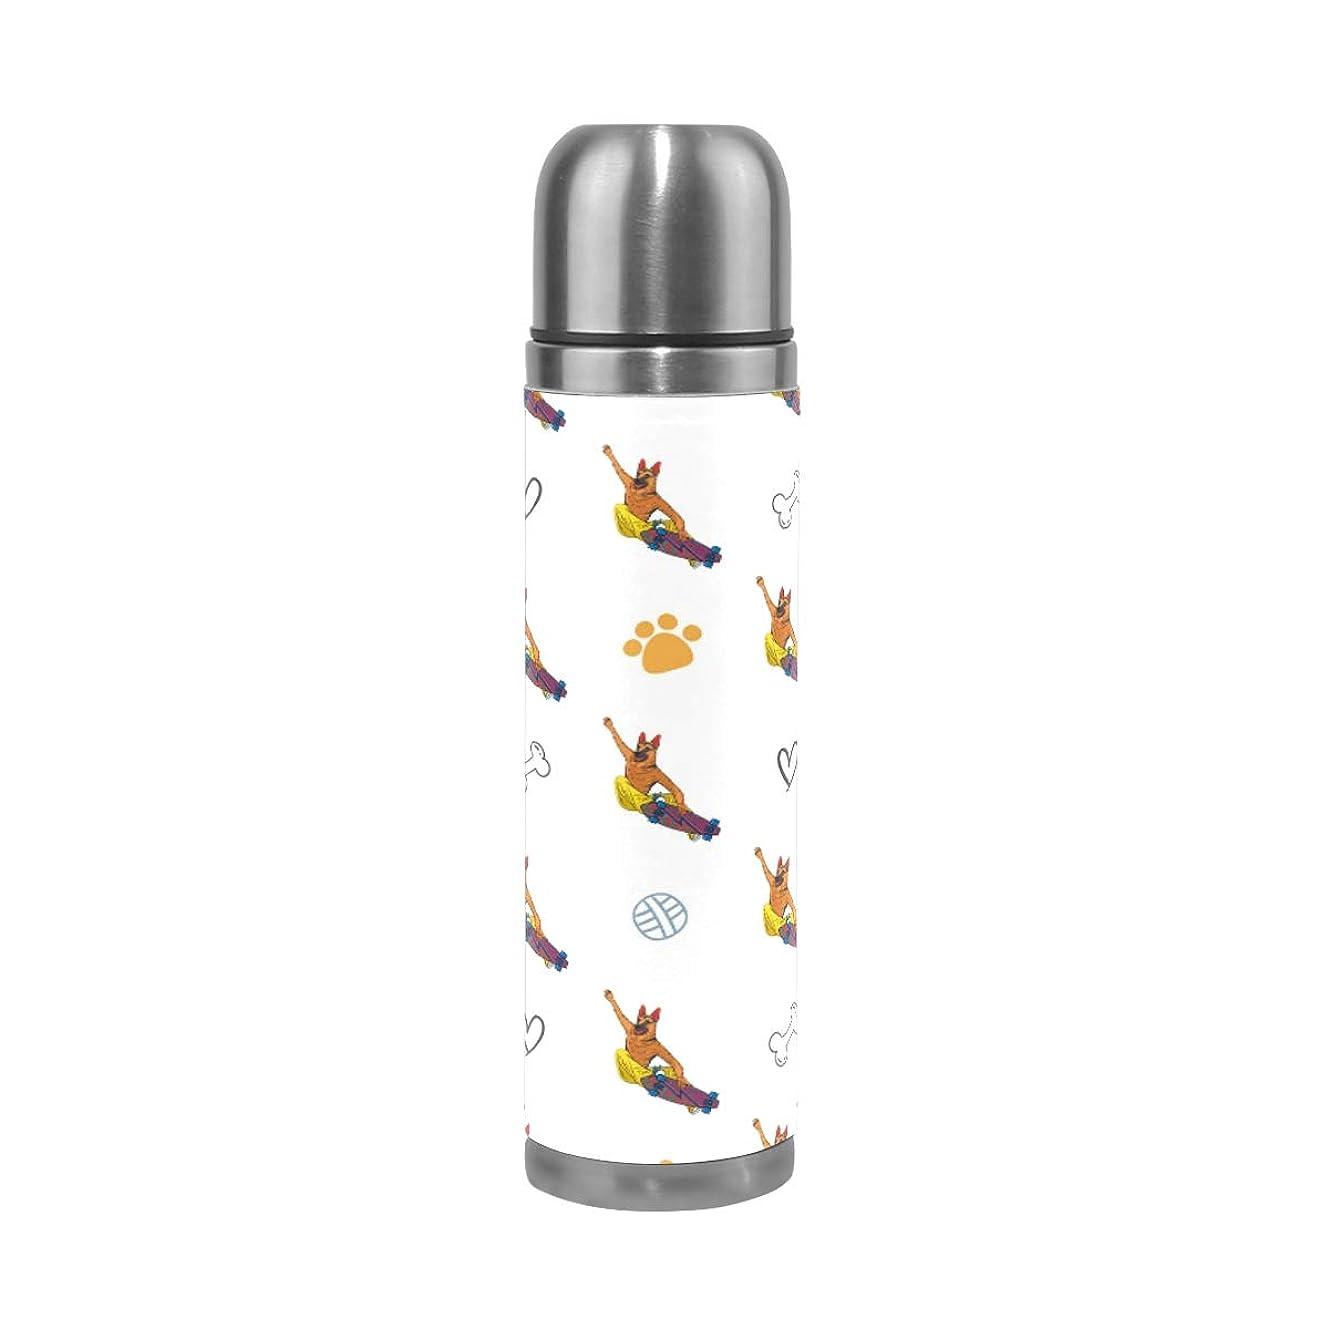 何十人も死にかけているラベル水筒 本革 ステンレスボトルコップタイプ 保温 保冷 直飲み 真空断熱ケータイマグ スポーツボトル くは ドイツの羊飼い犬柄 [並行輸入品]